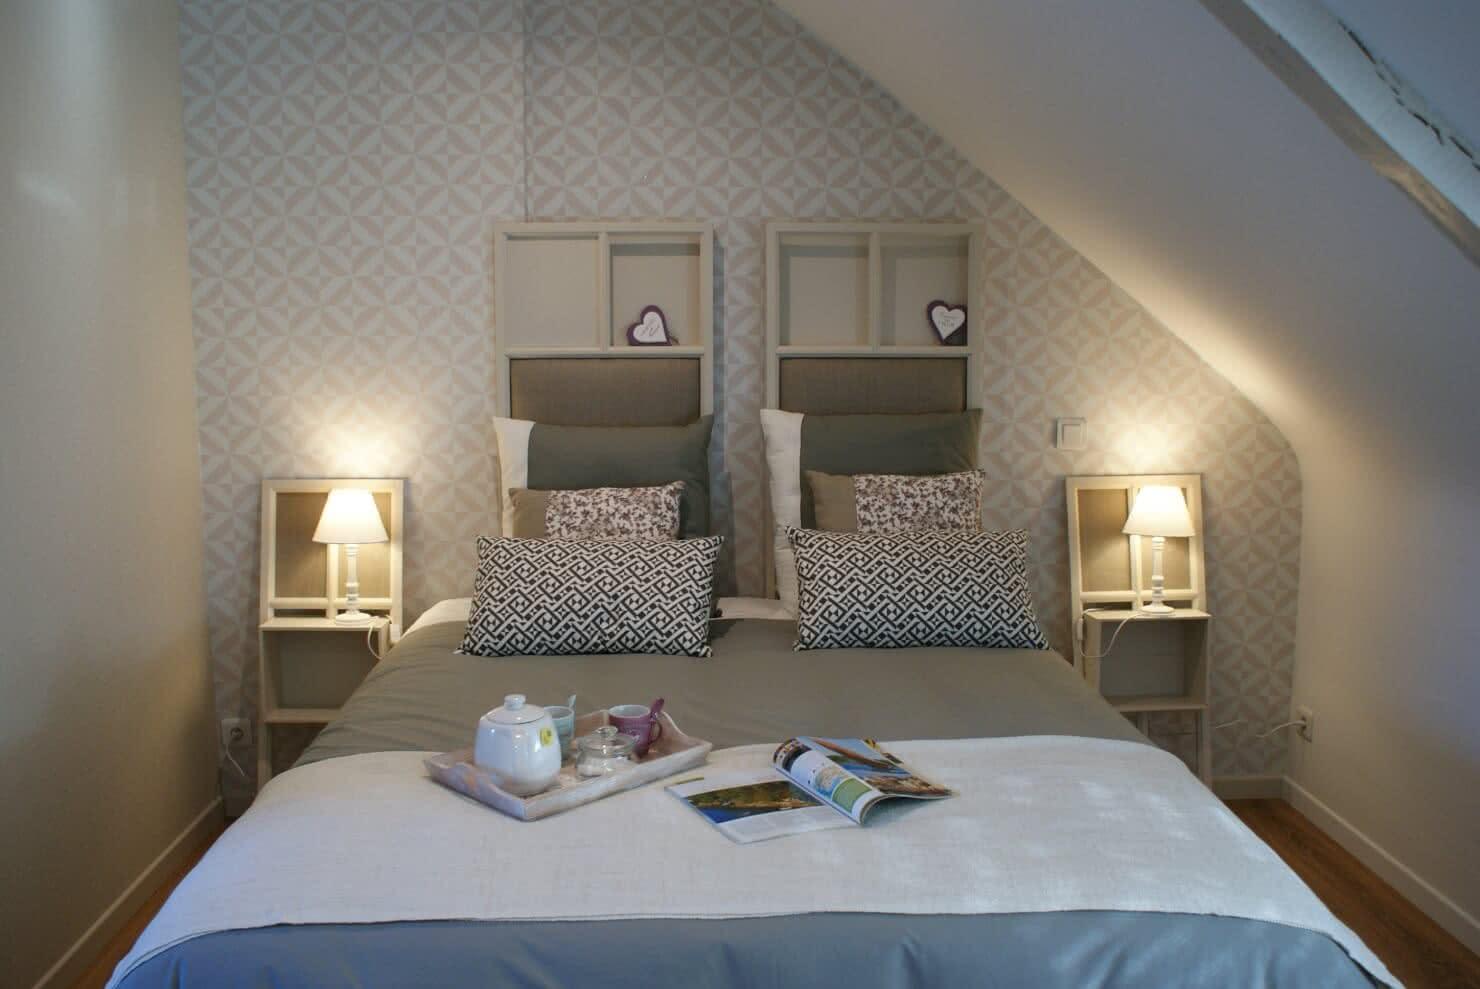 Chambre d'hôtes Ti Milin - Espace nuit avec lit de 160